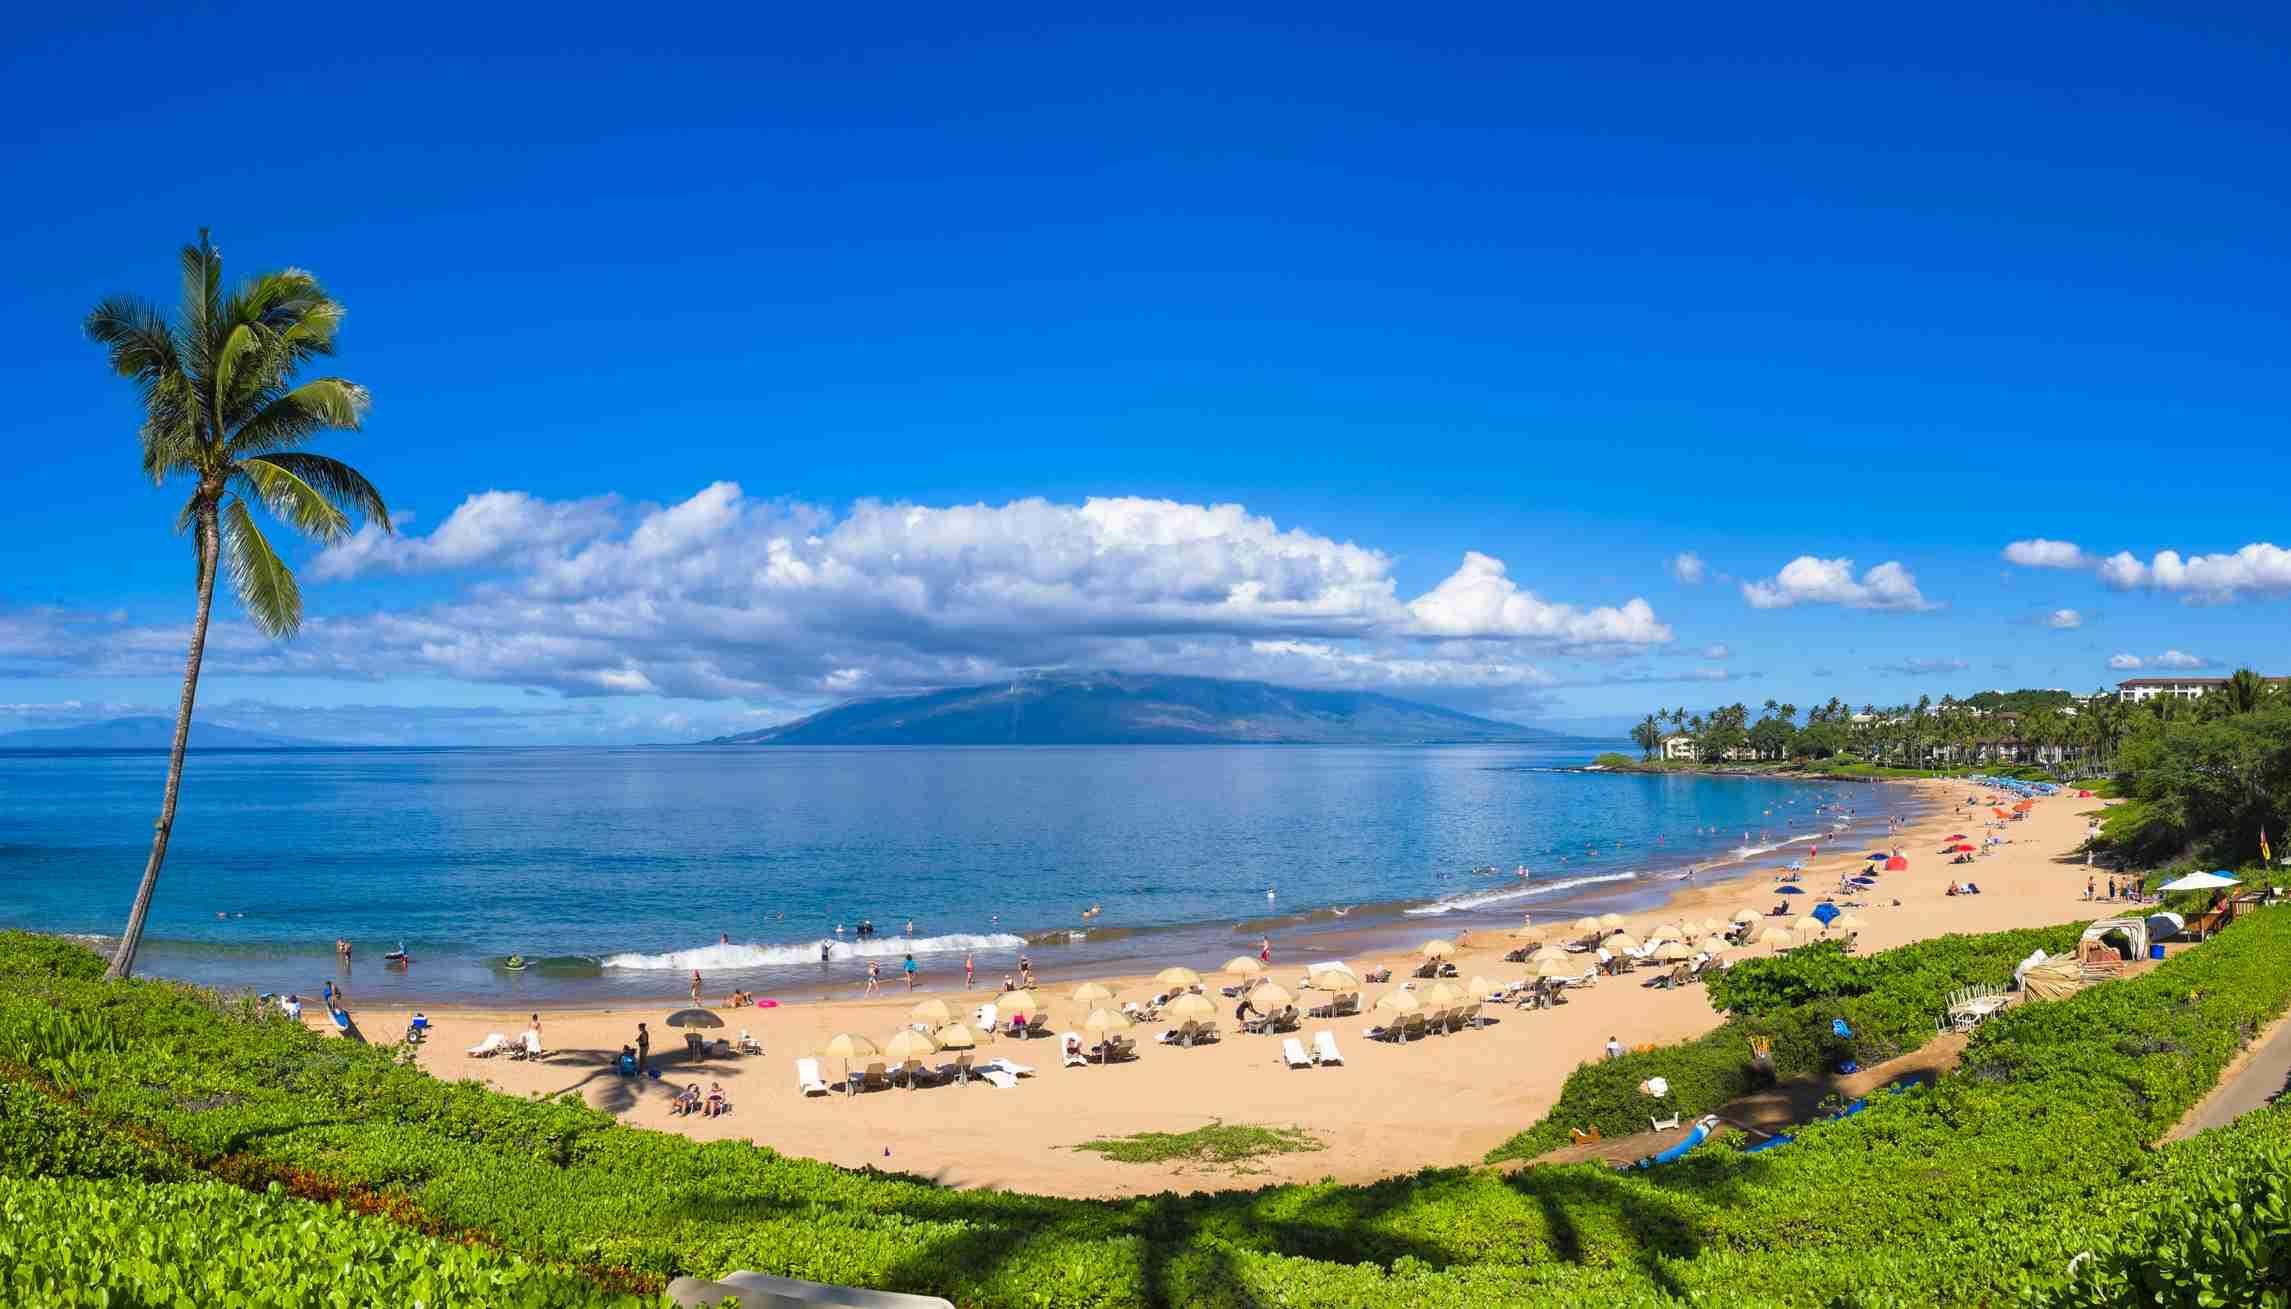 Tourists on Wailea Beach in Wailea Area of Maui, Hawaii.